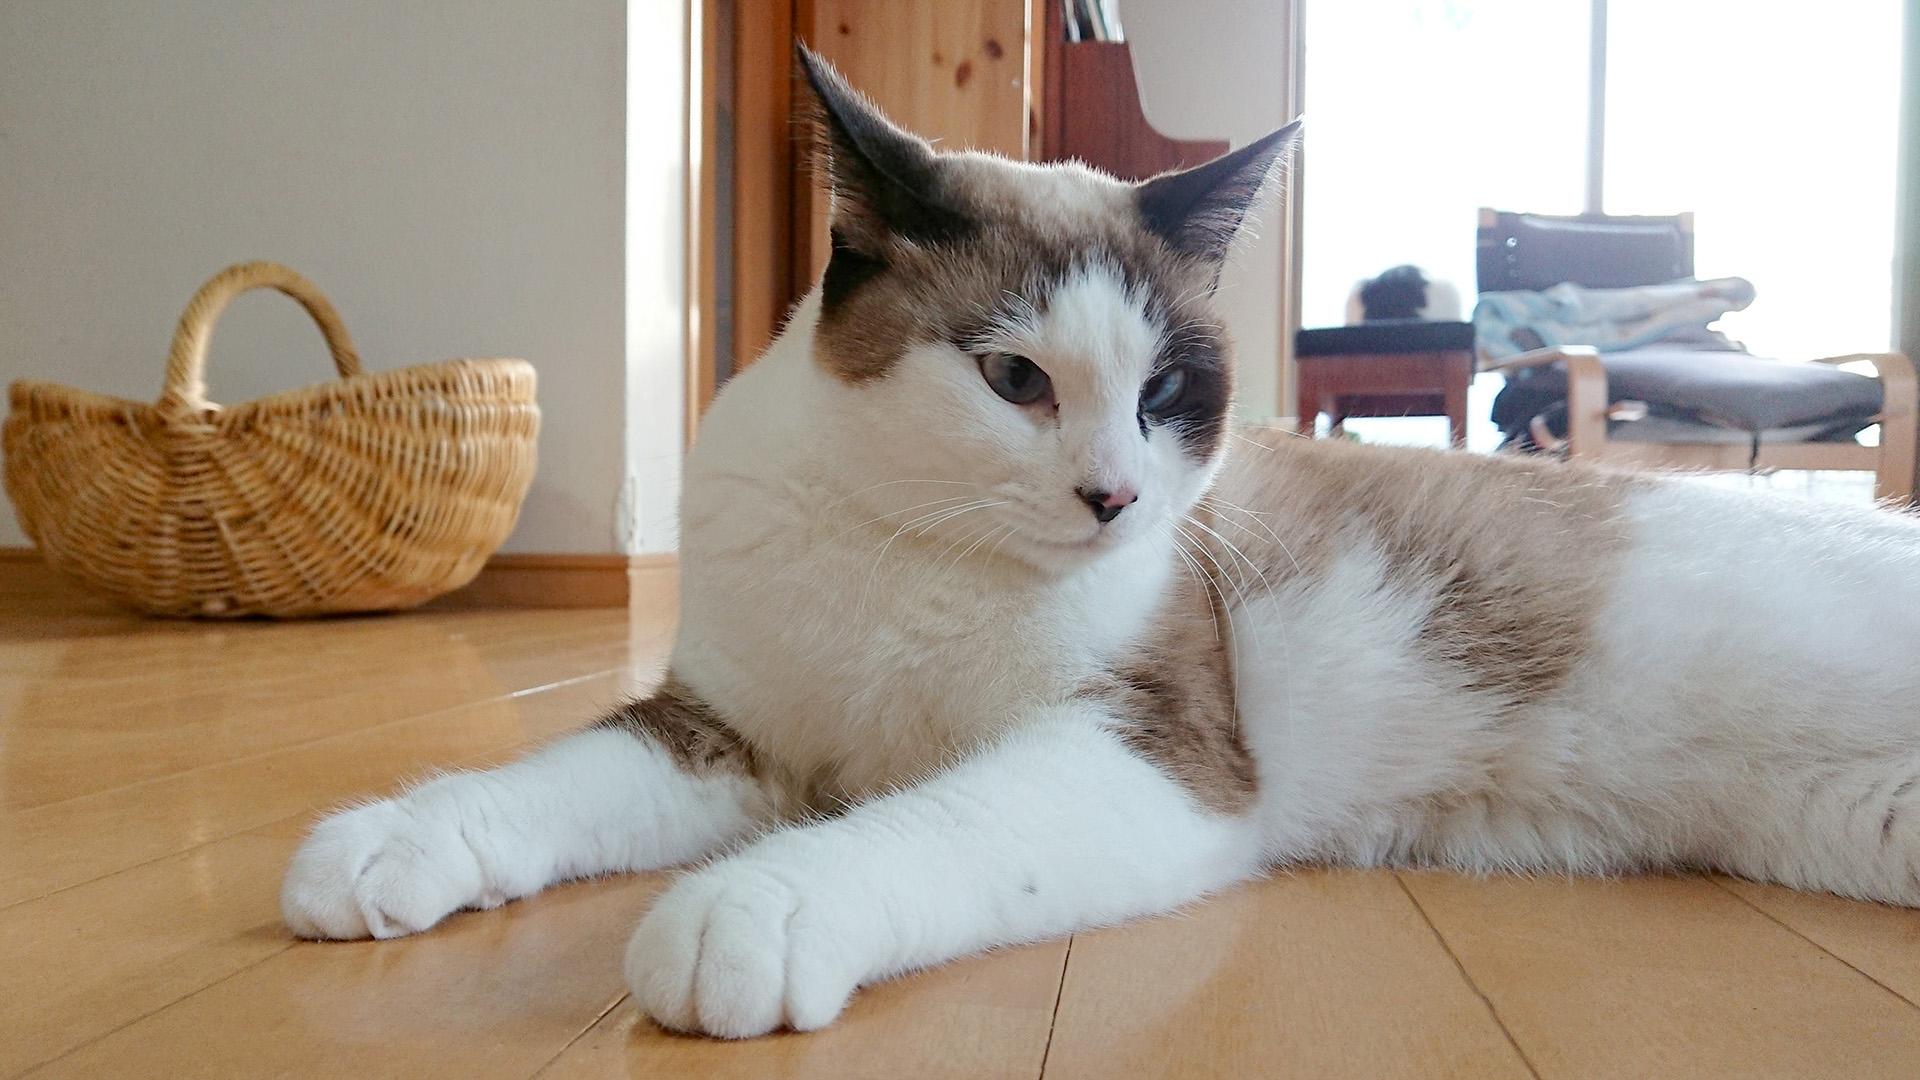 【猫さんの病気】猫さんの皮膚病は被毛に隠れて進行する?! かさぶた・脱毛・発疹に要注意!